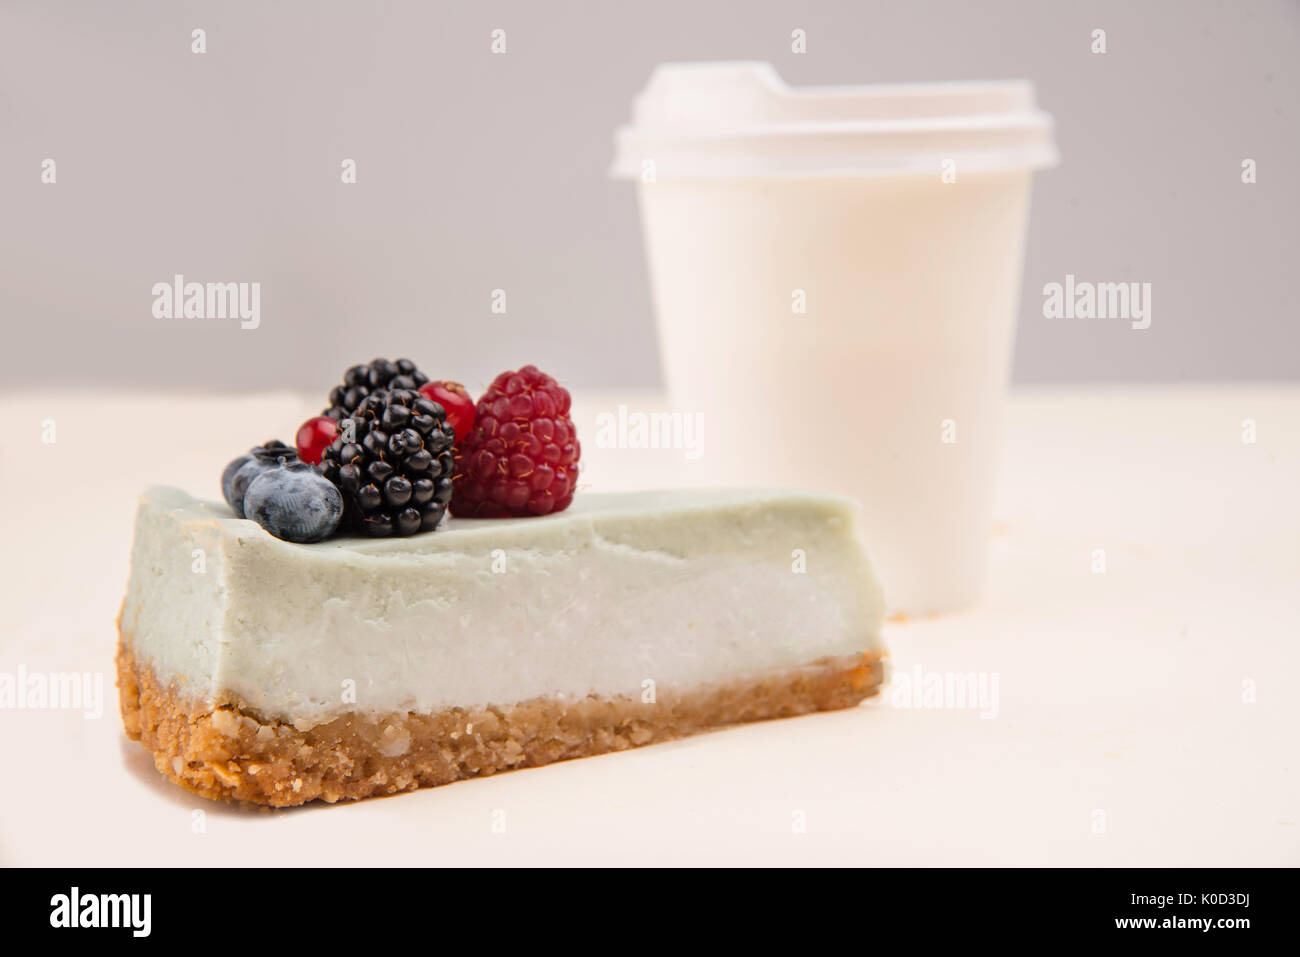 Gâteau au fromage bleu baies wit debout près de tasse de papier isolé Photo Stock